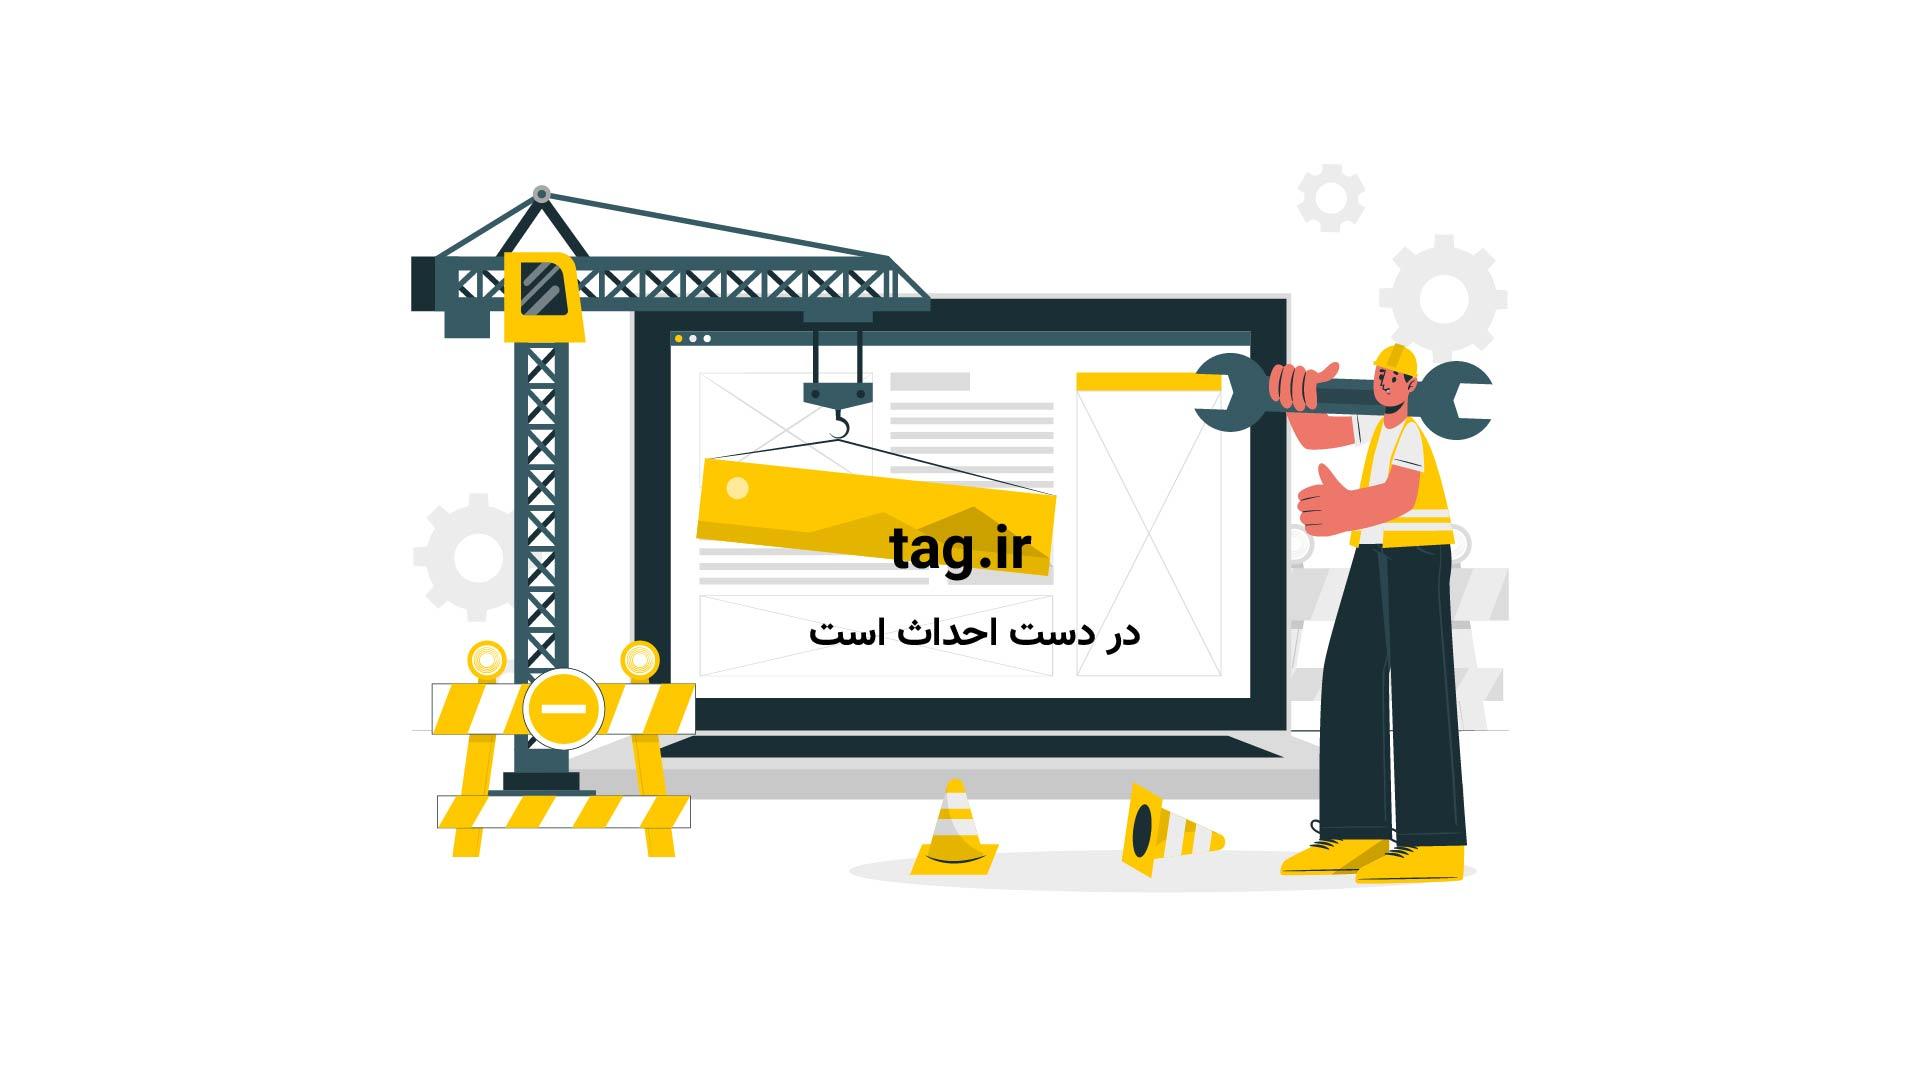 نجات۶۰۰۰ پناهجو در دریای مدیترانه تنها طی یک روز + فیلم